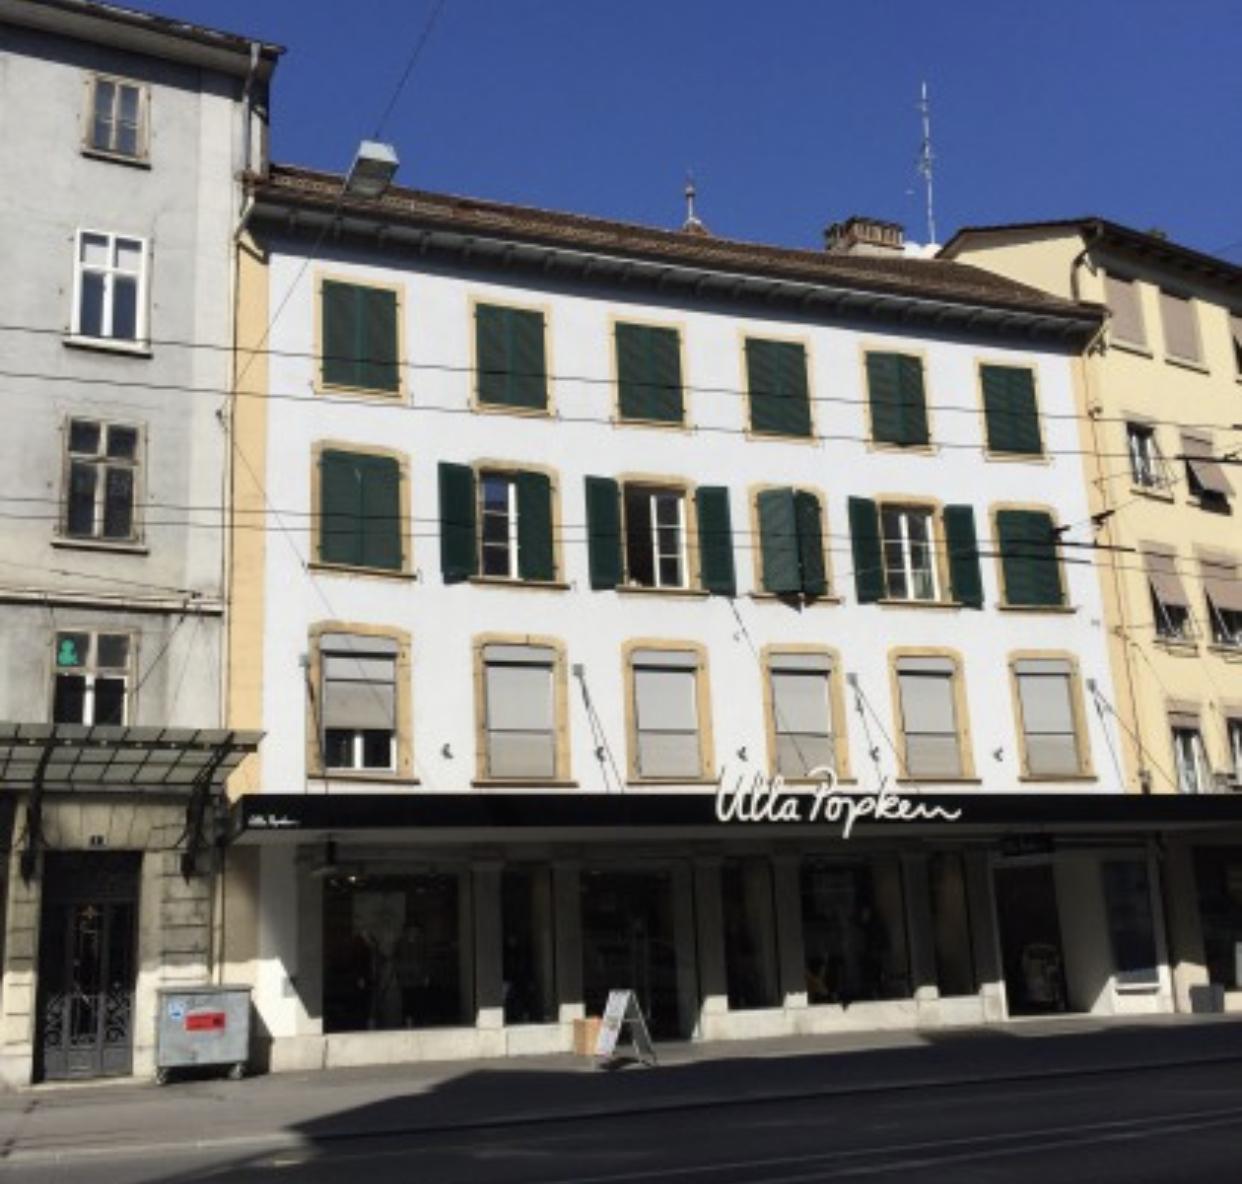 A vendre à Bienne : immeuble mixte